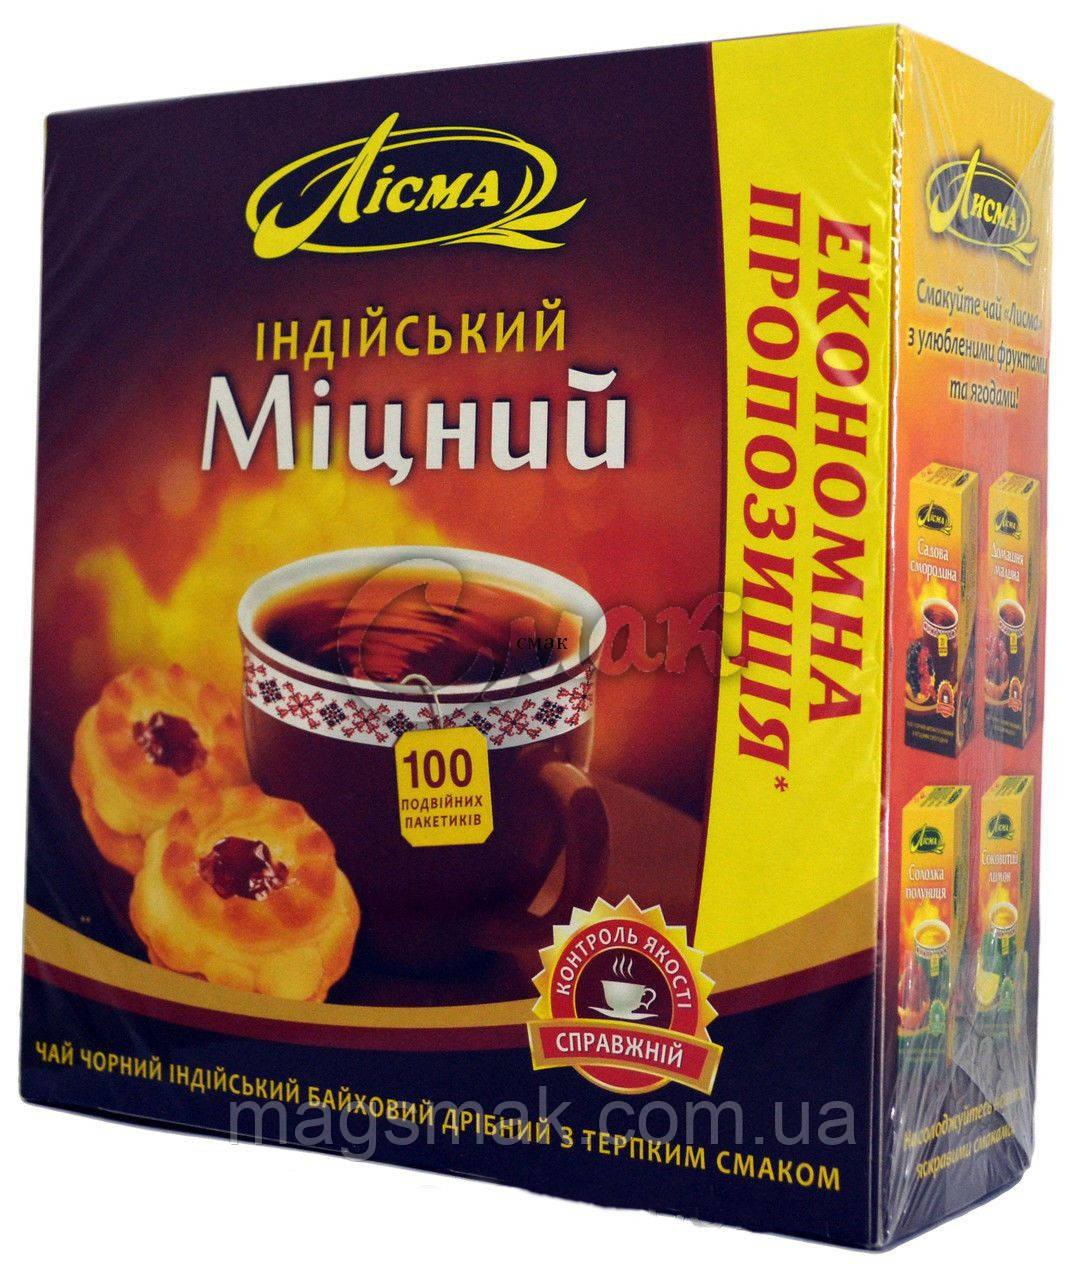 Чай черний Лисма Индийский Крепкий (Лісма Міцний) 100 пак.